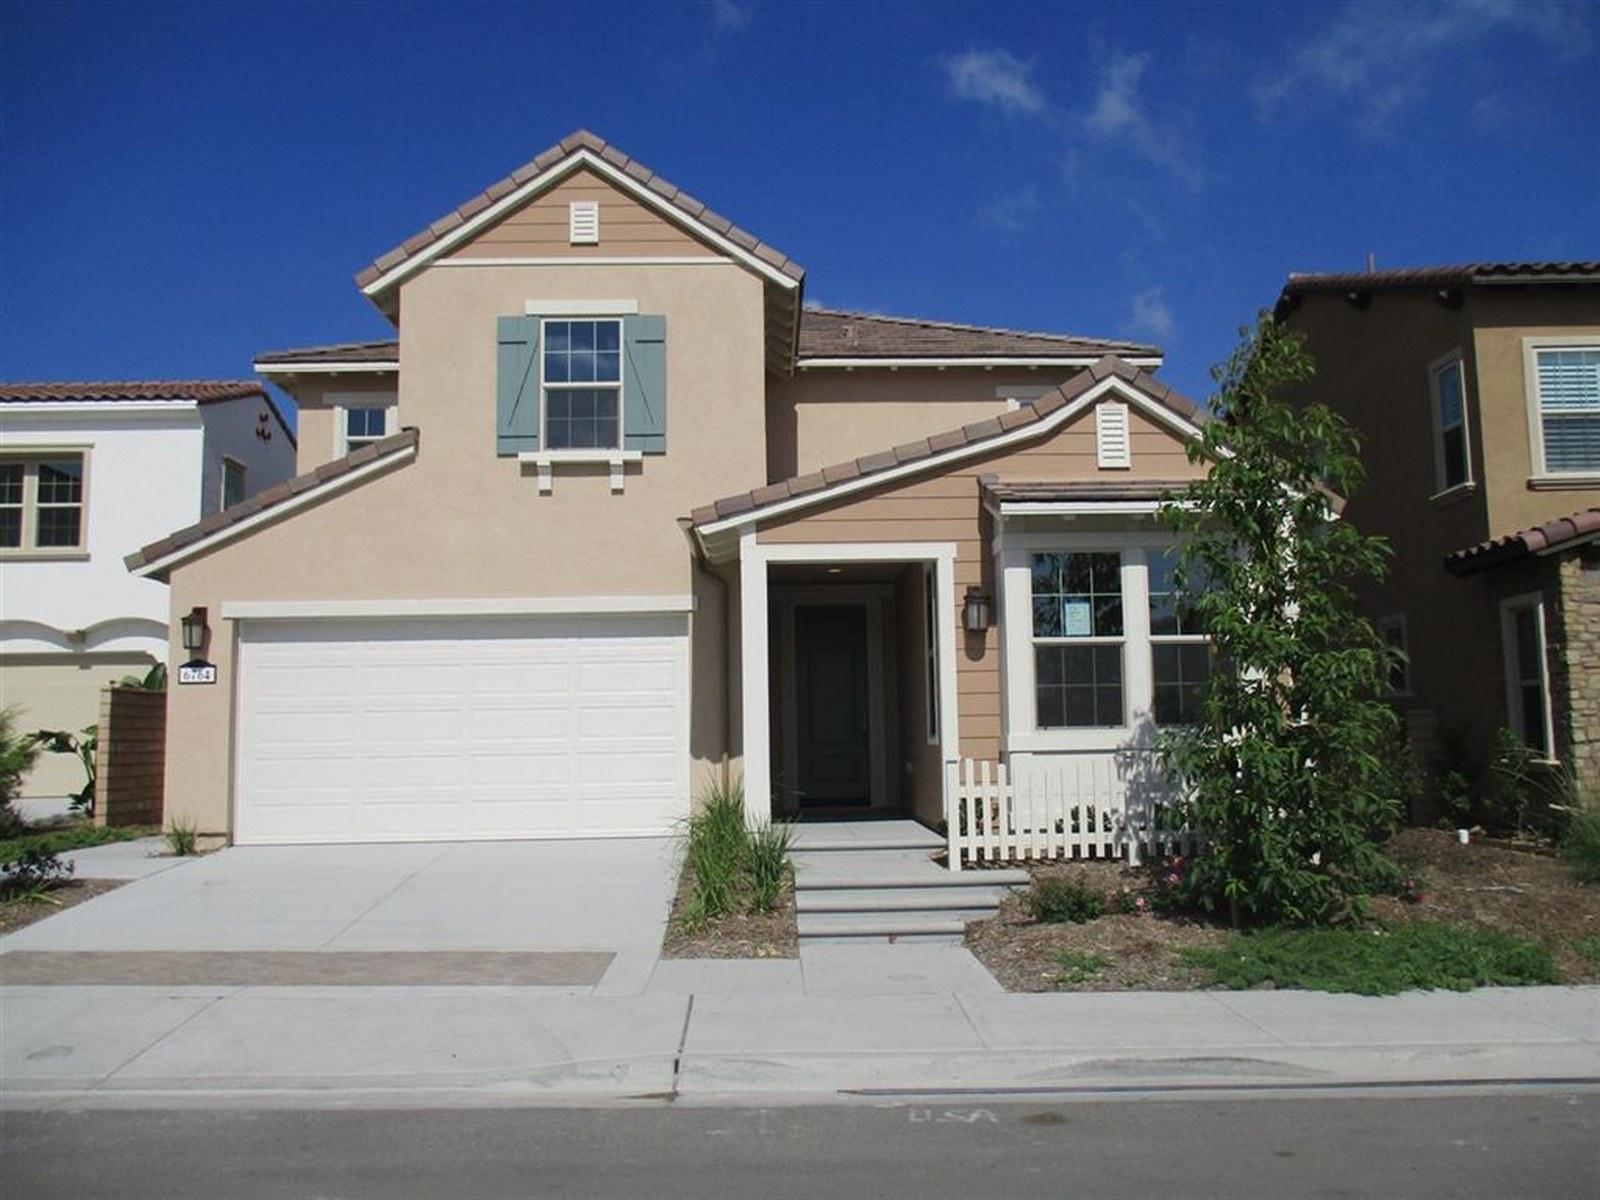 단독 가정 주택 용 매매 에 Casabella 6764 Monterra Trail San Diego, 캘리포니아 92130 미국